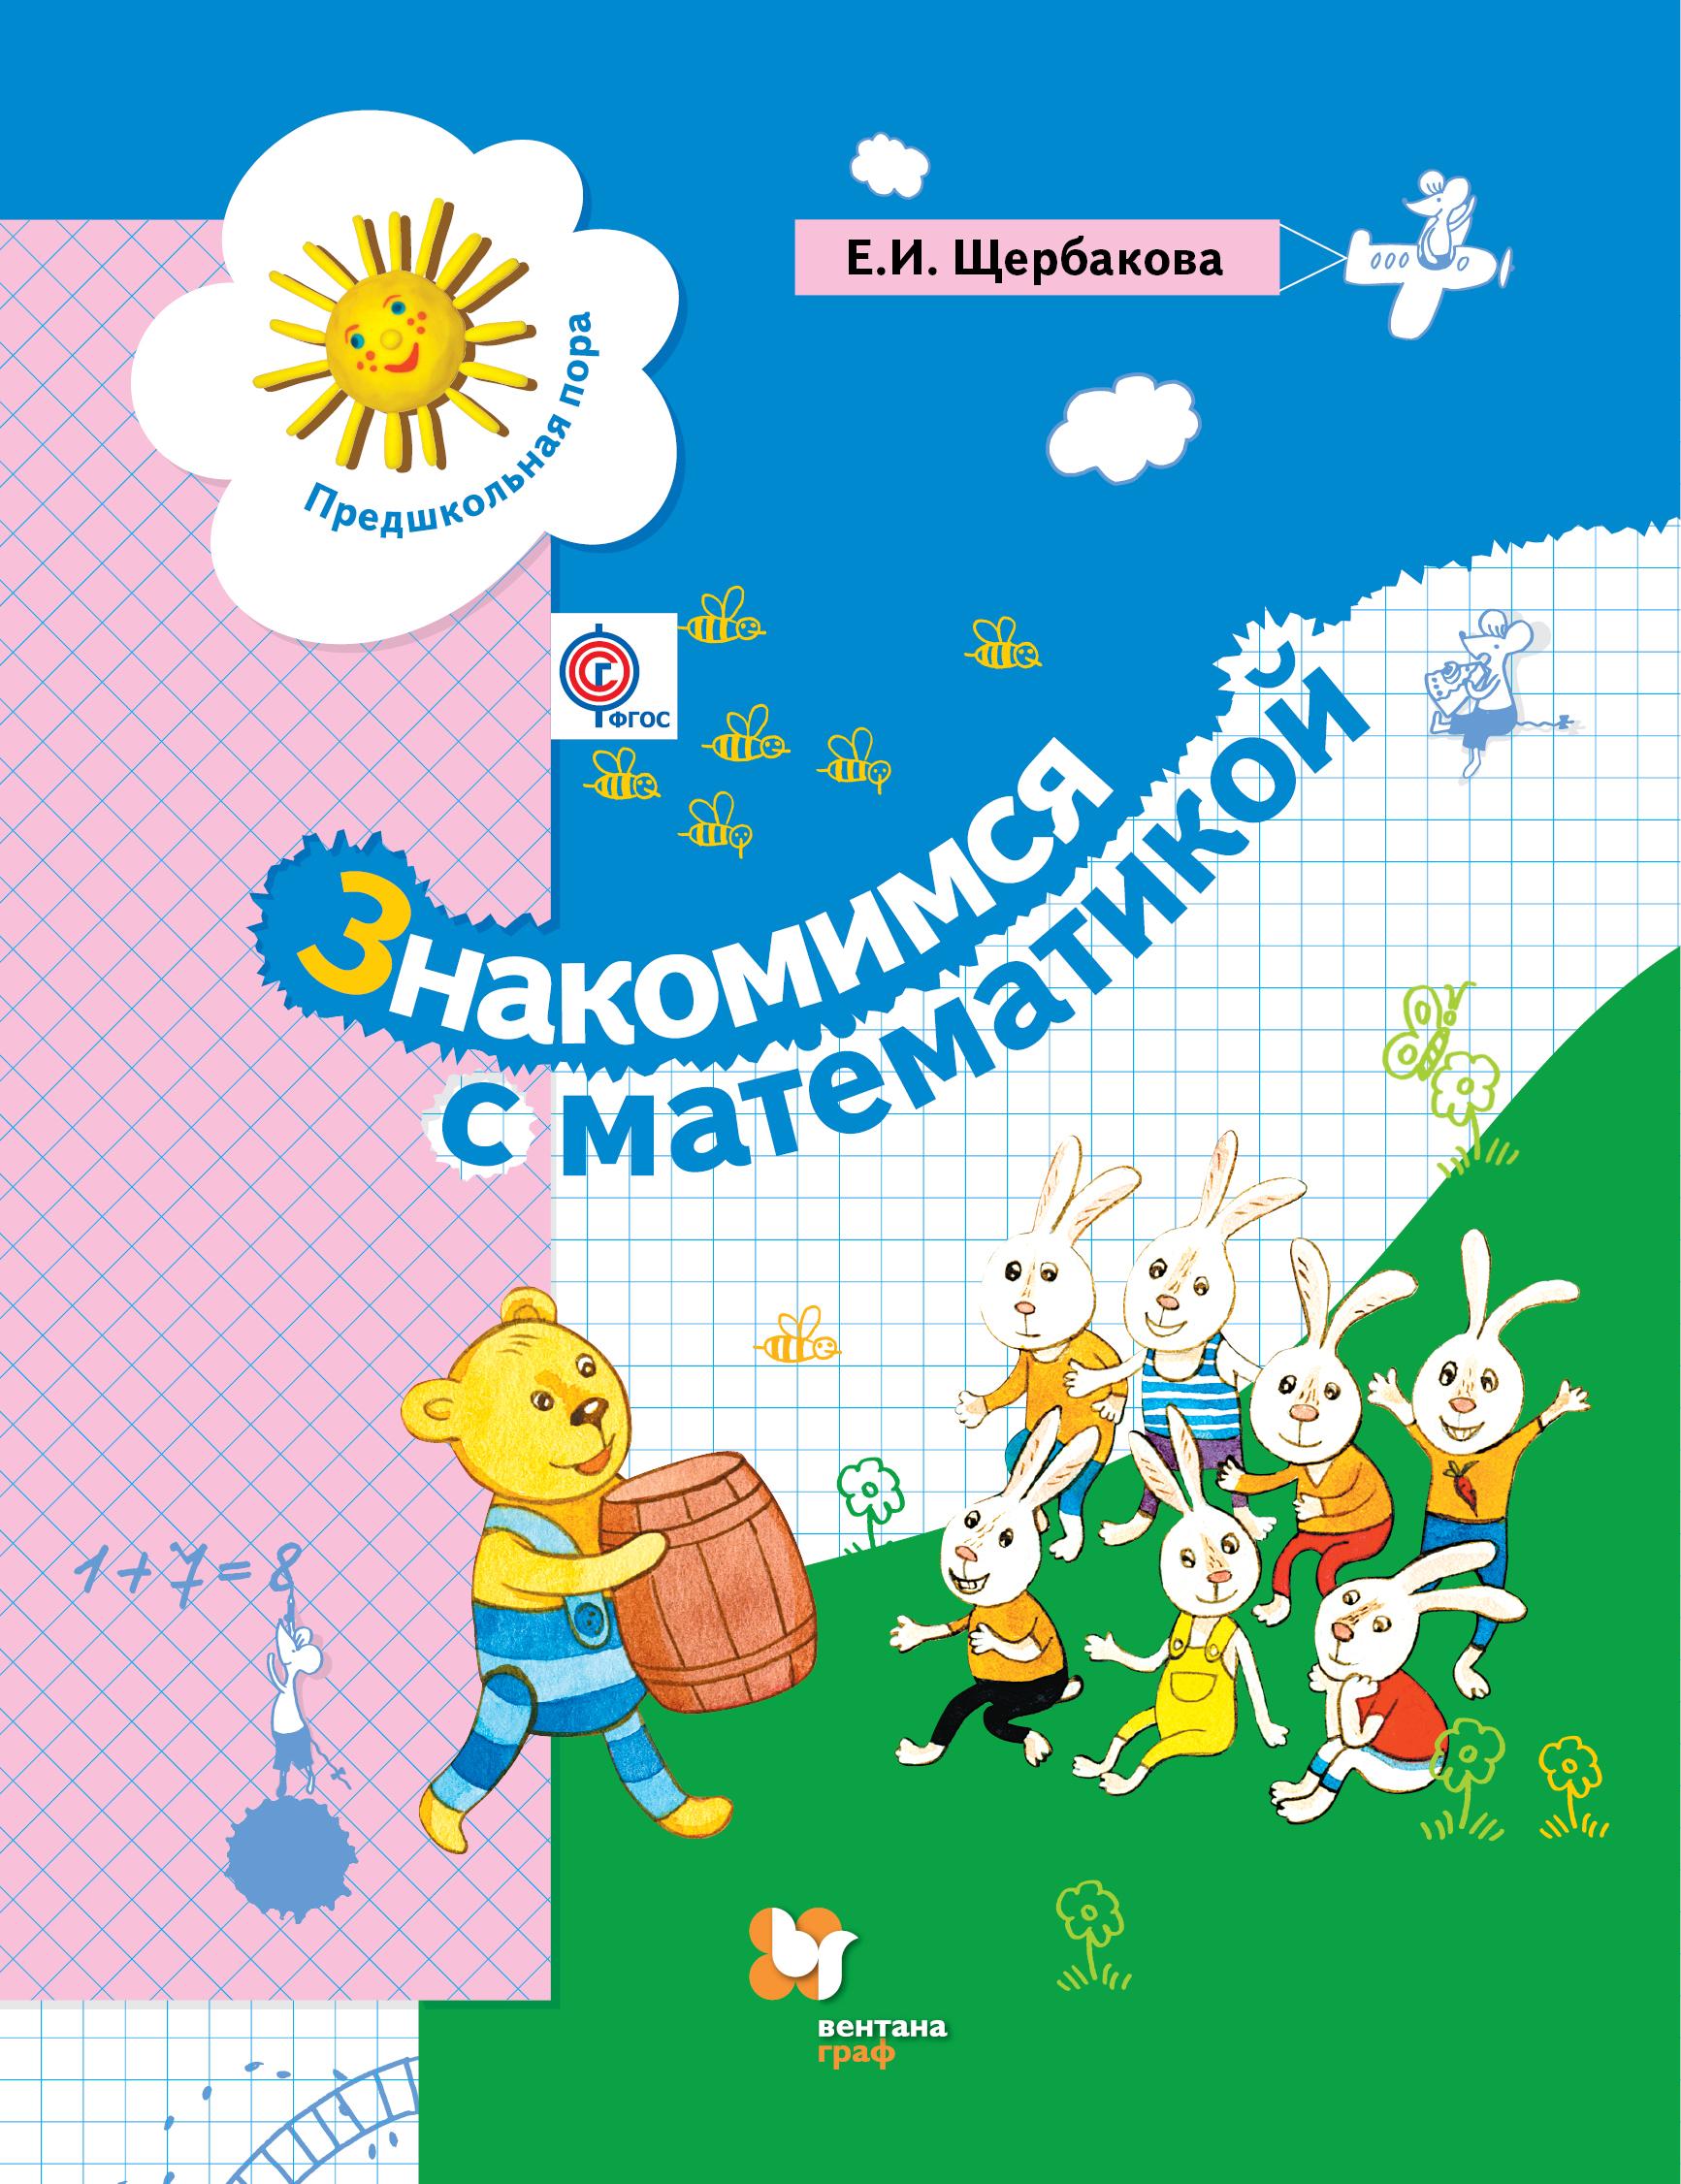 Е. И. Щербакова Знакомимся с математикой. Развивающее пособие для детей старшего дошкольного возраста компьютер для людей старшего возраста cамоучитель левина в цвете